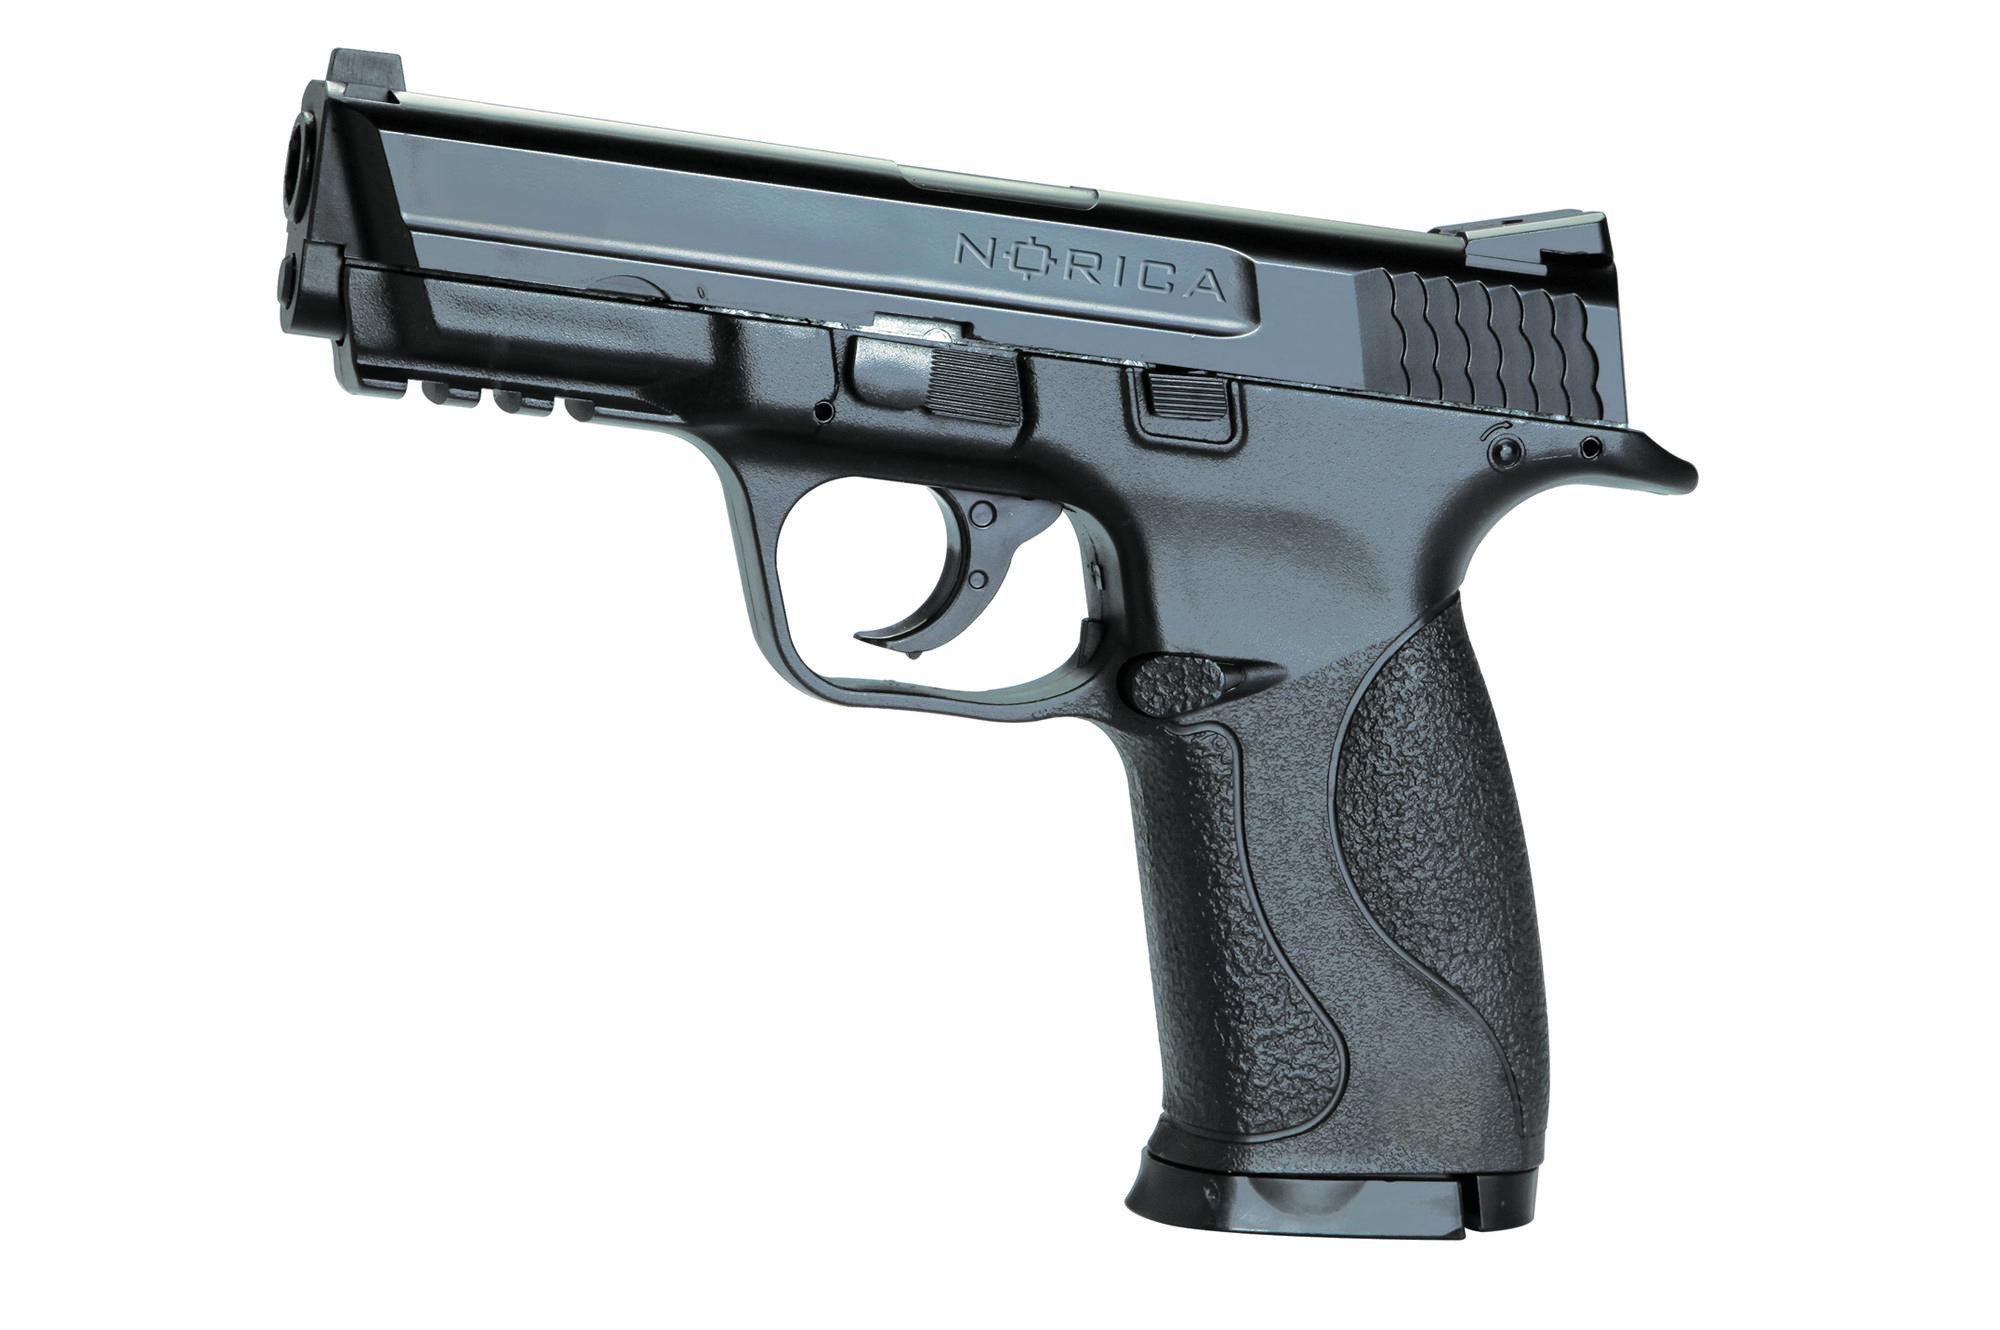 Pistola Norica 1703 cal 4,5 bbs co2